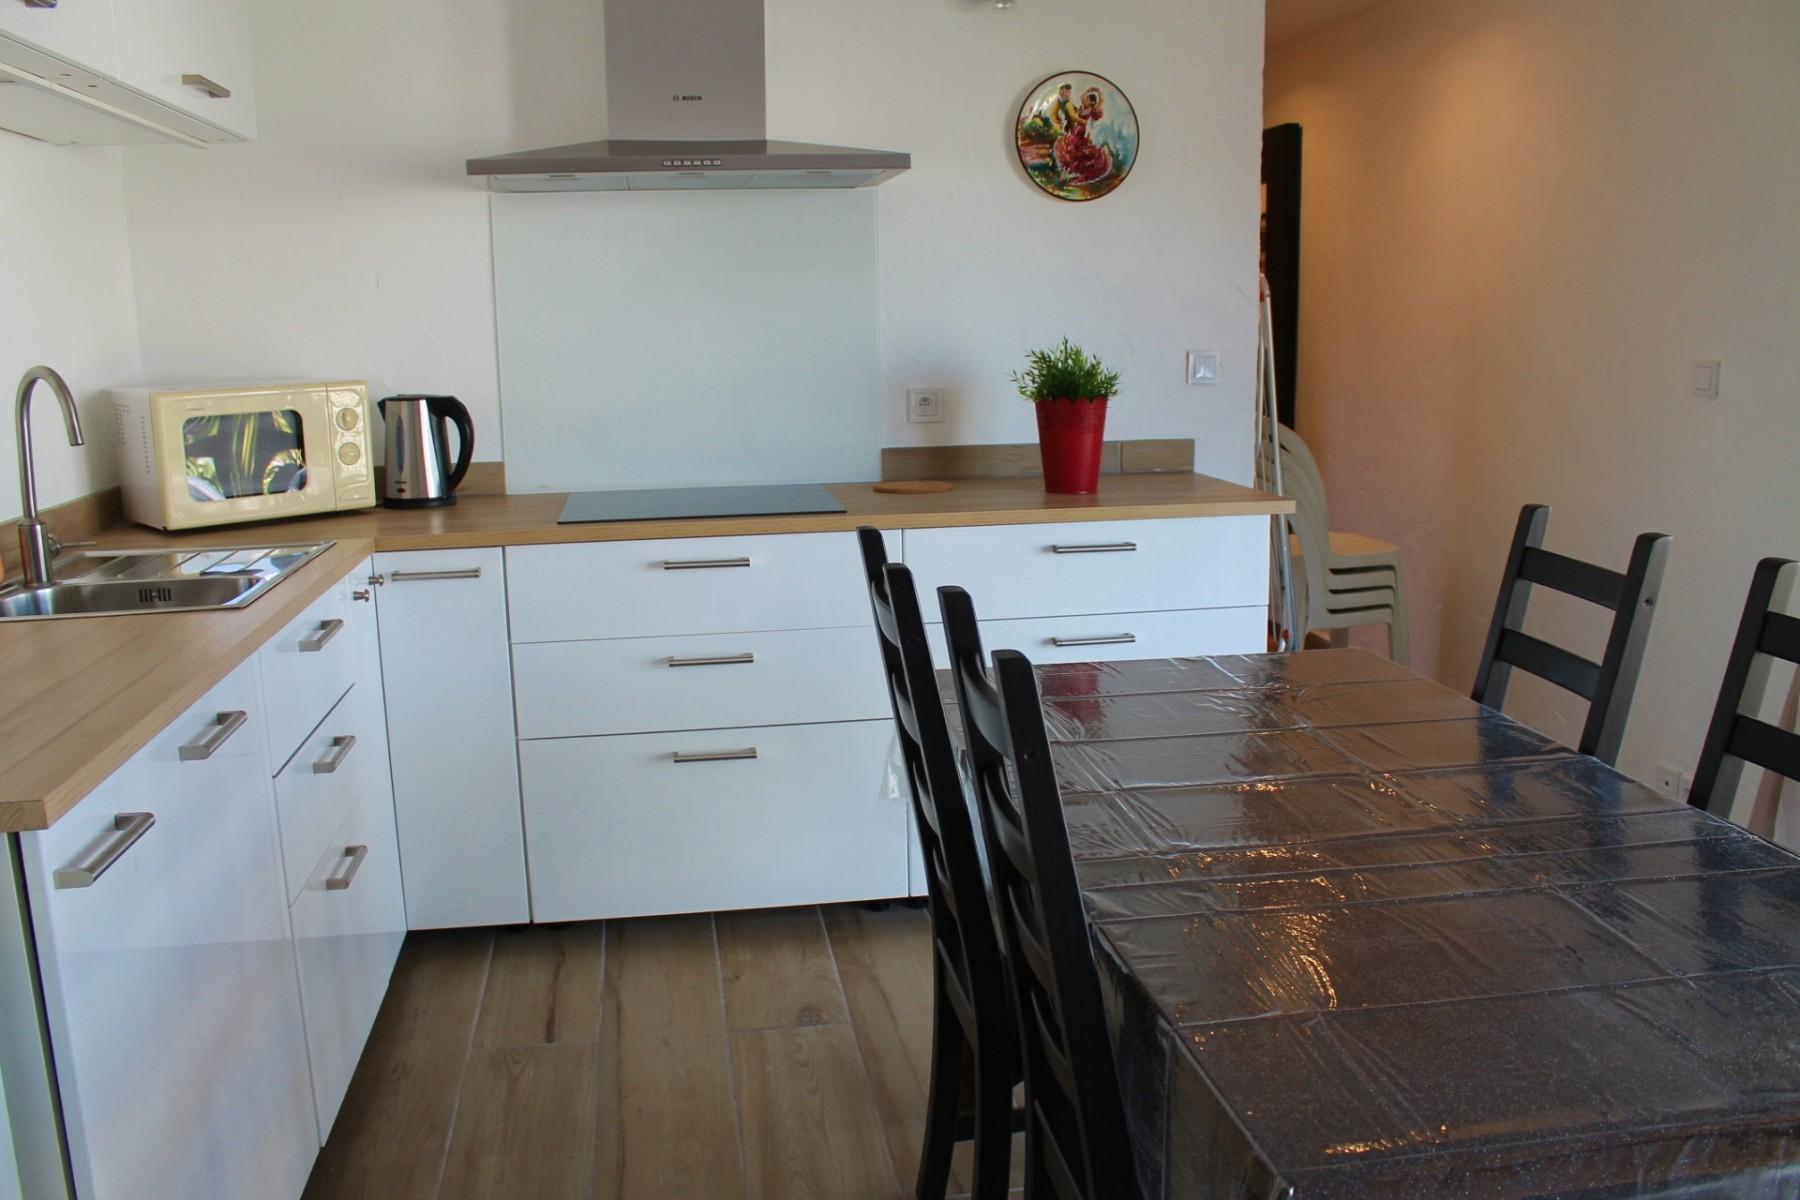 Apartments in Palamós - W113-LA FOSCA-PALAMOS - AP. 2 BEDROOMS -150 ...